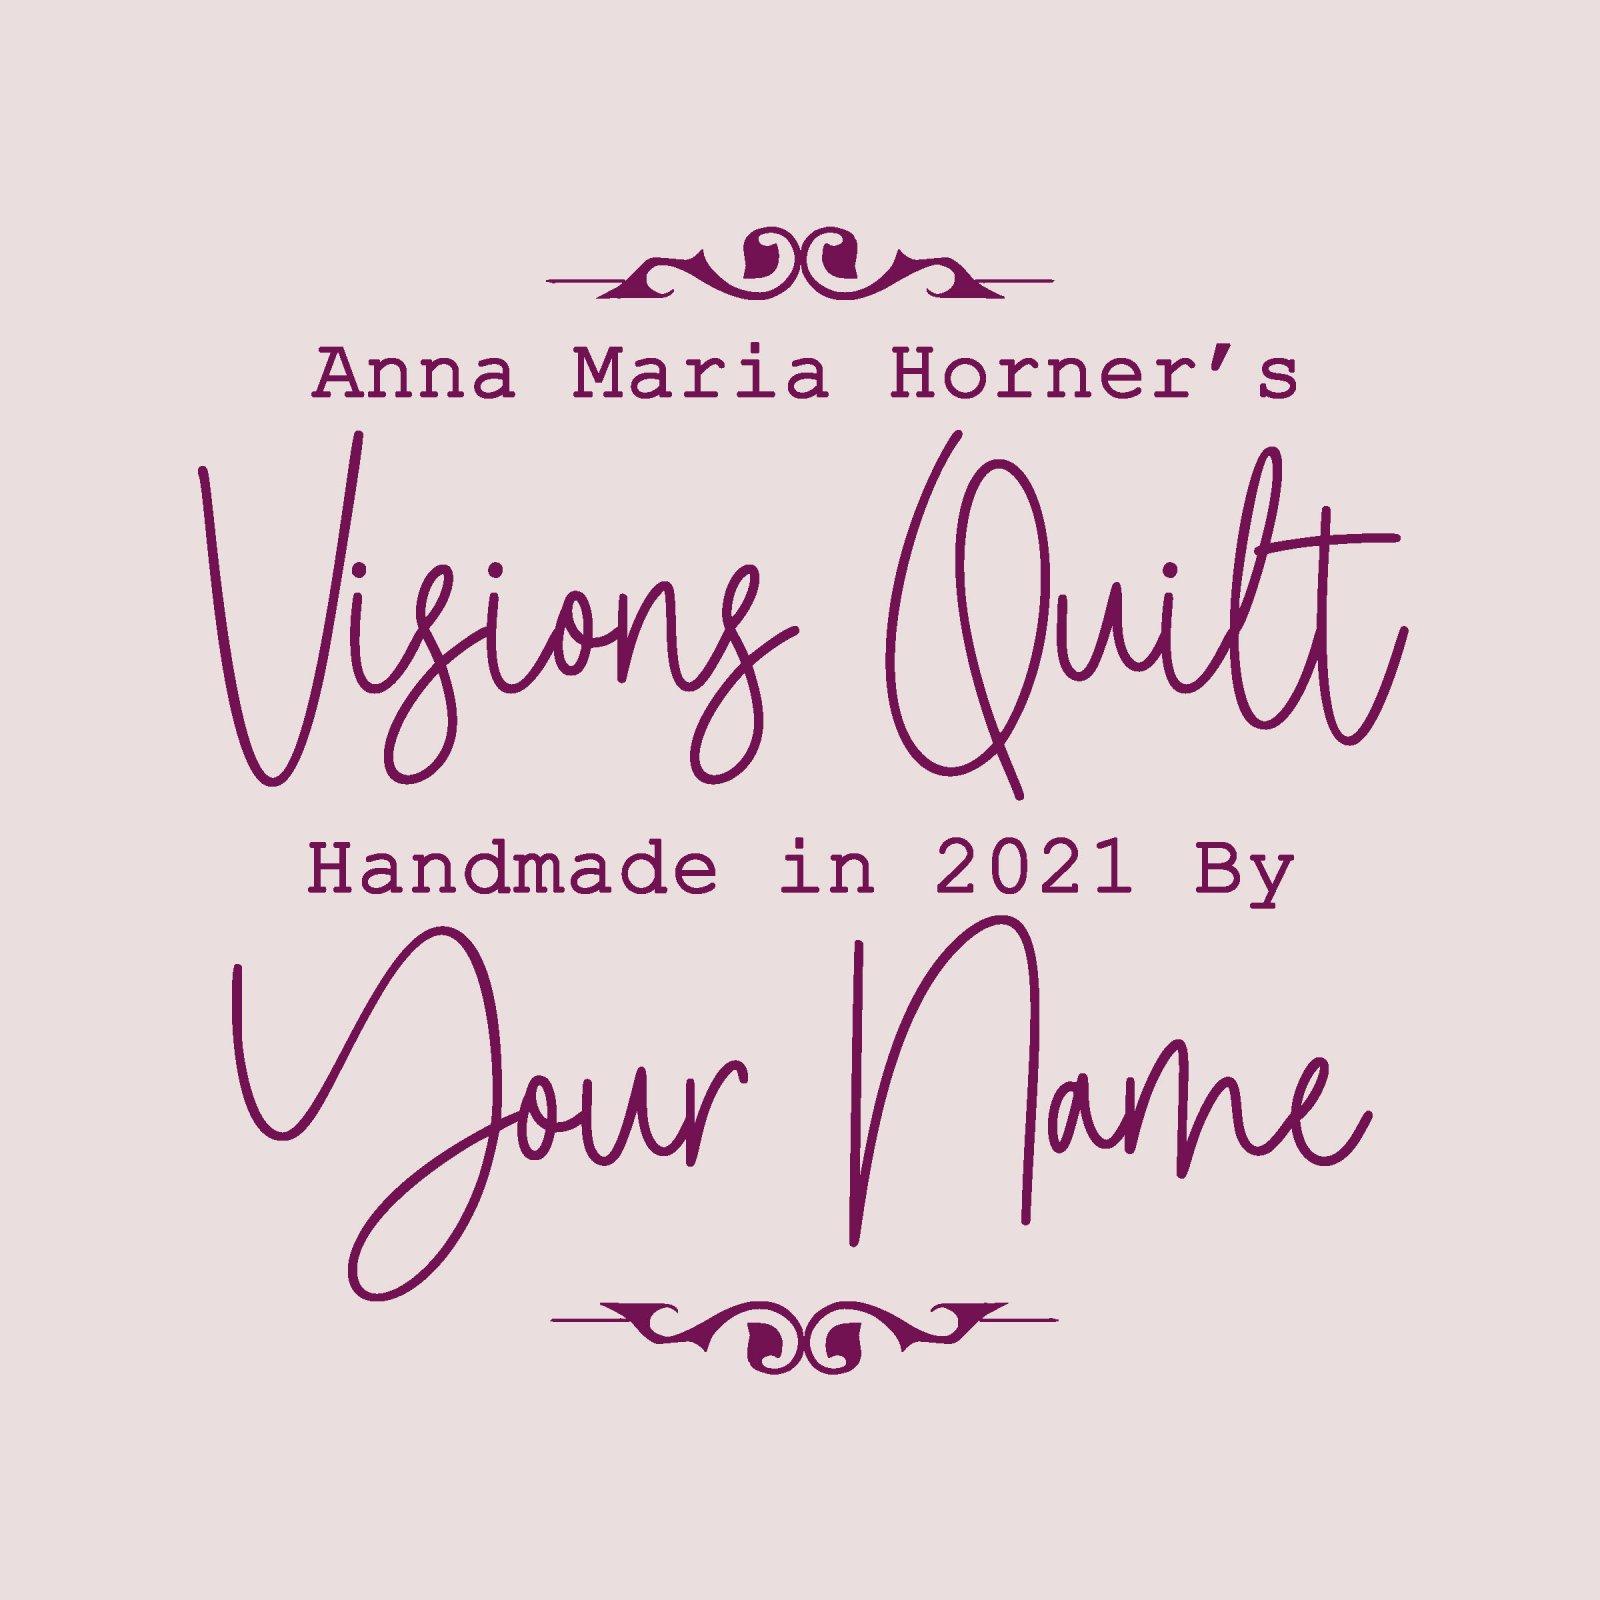 Visions Custom Quilt Label